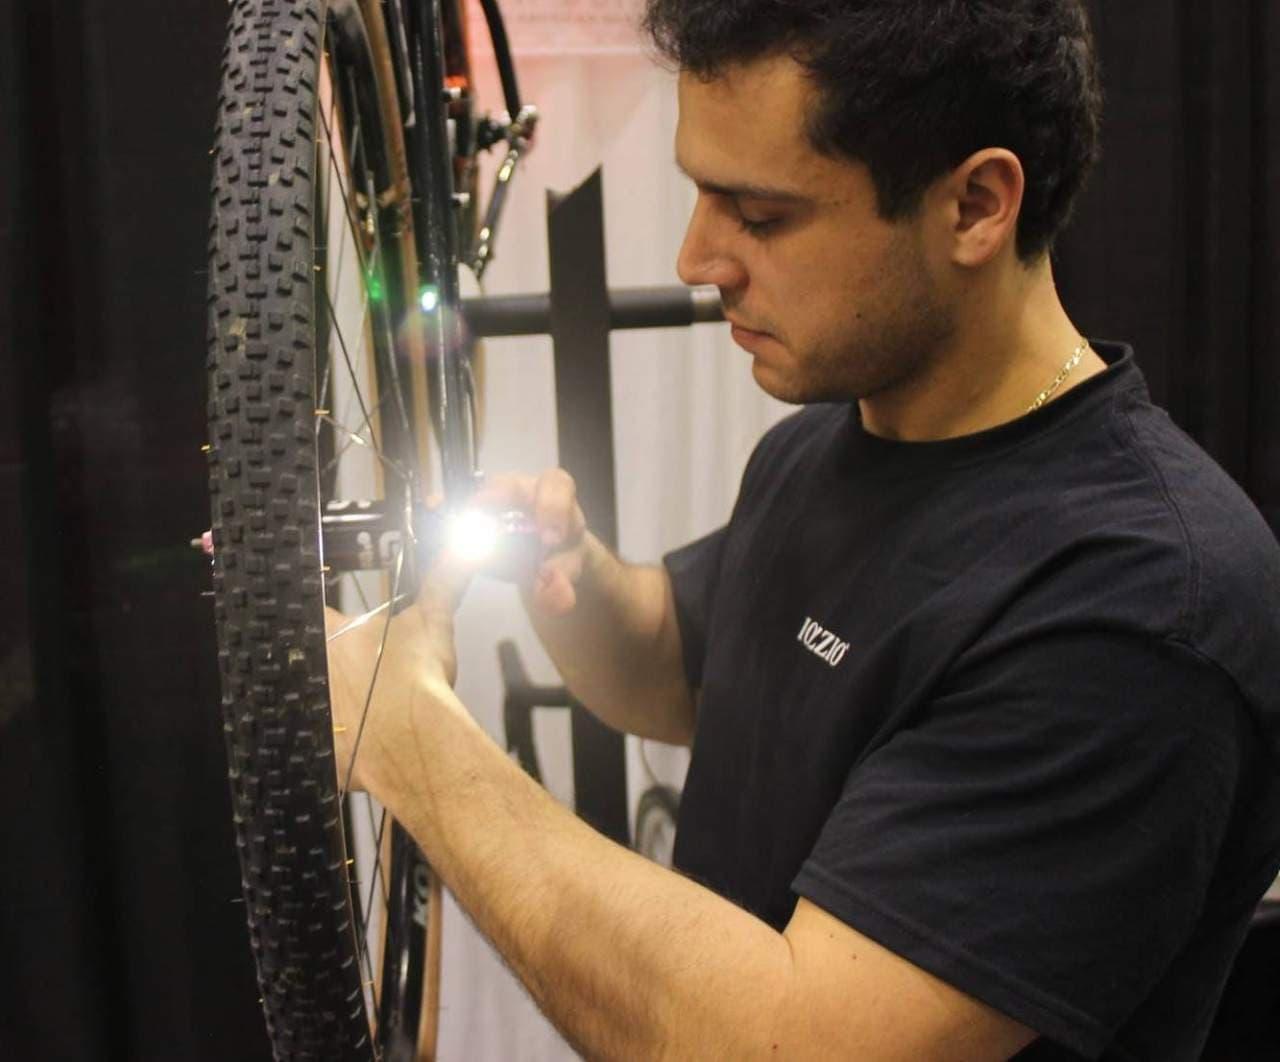 ハブに組み込まれた自転車用ライト Iozzio Cycles「Integrated Bike Lights」